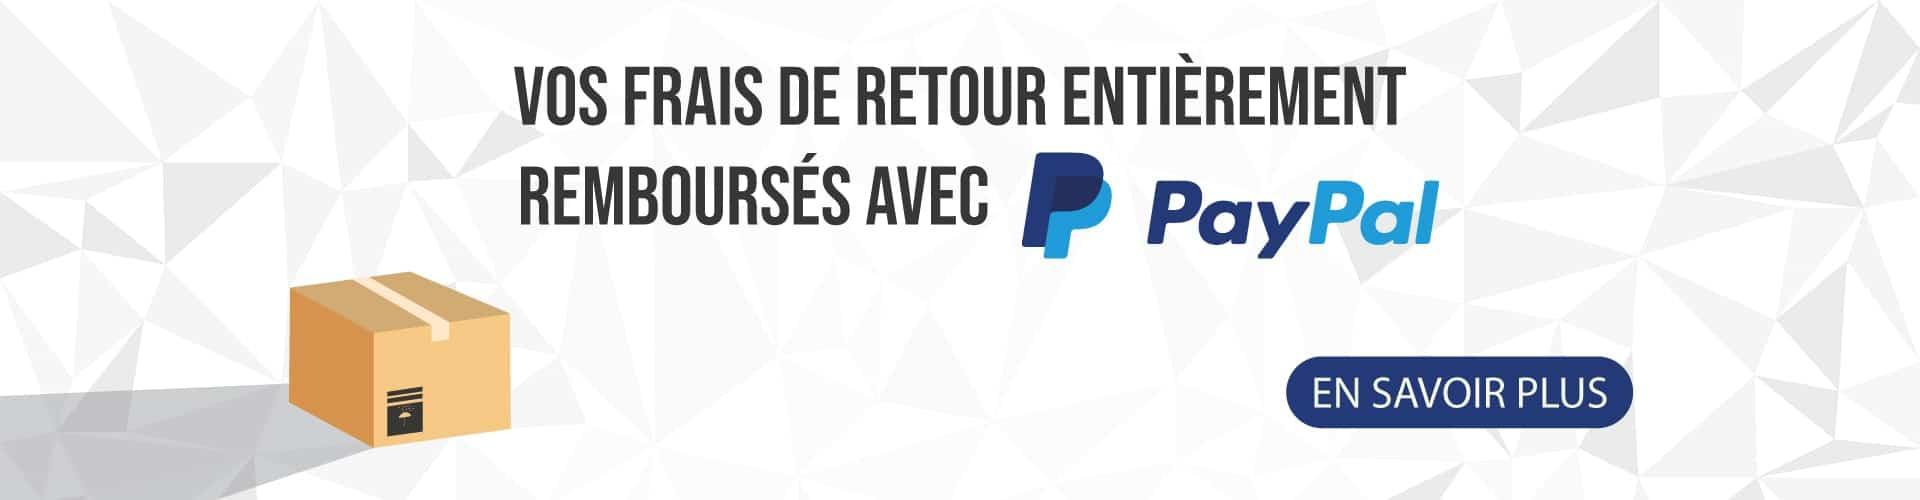 Paypal vous rembourse vos frais de retour !